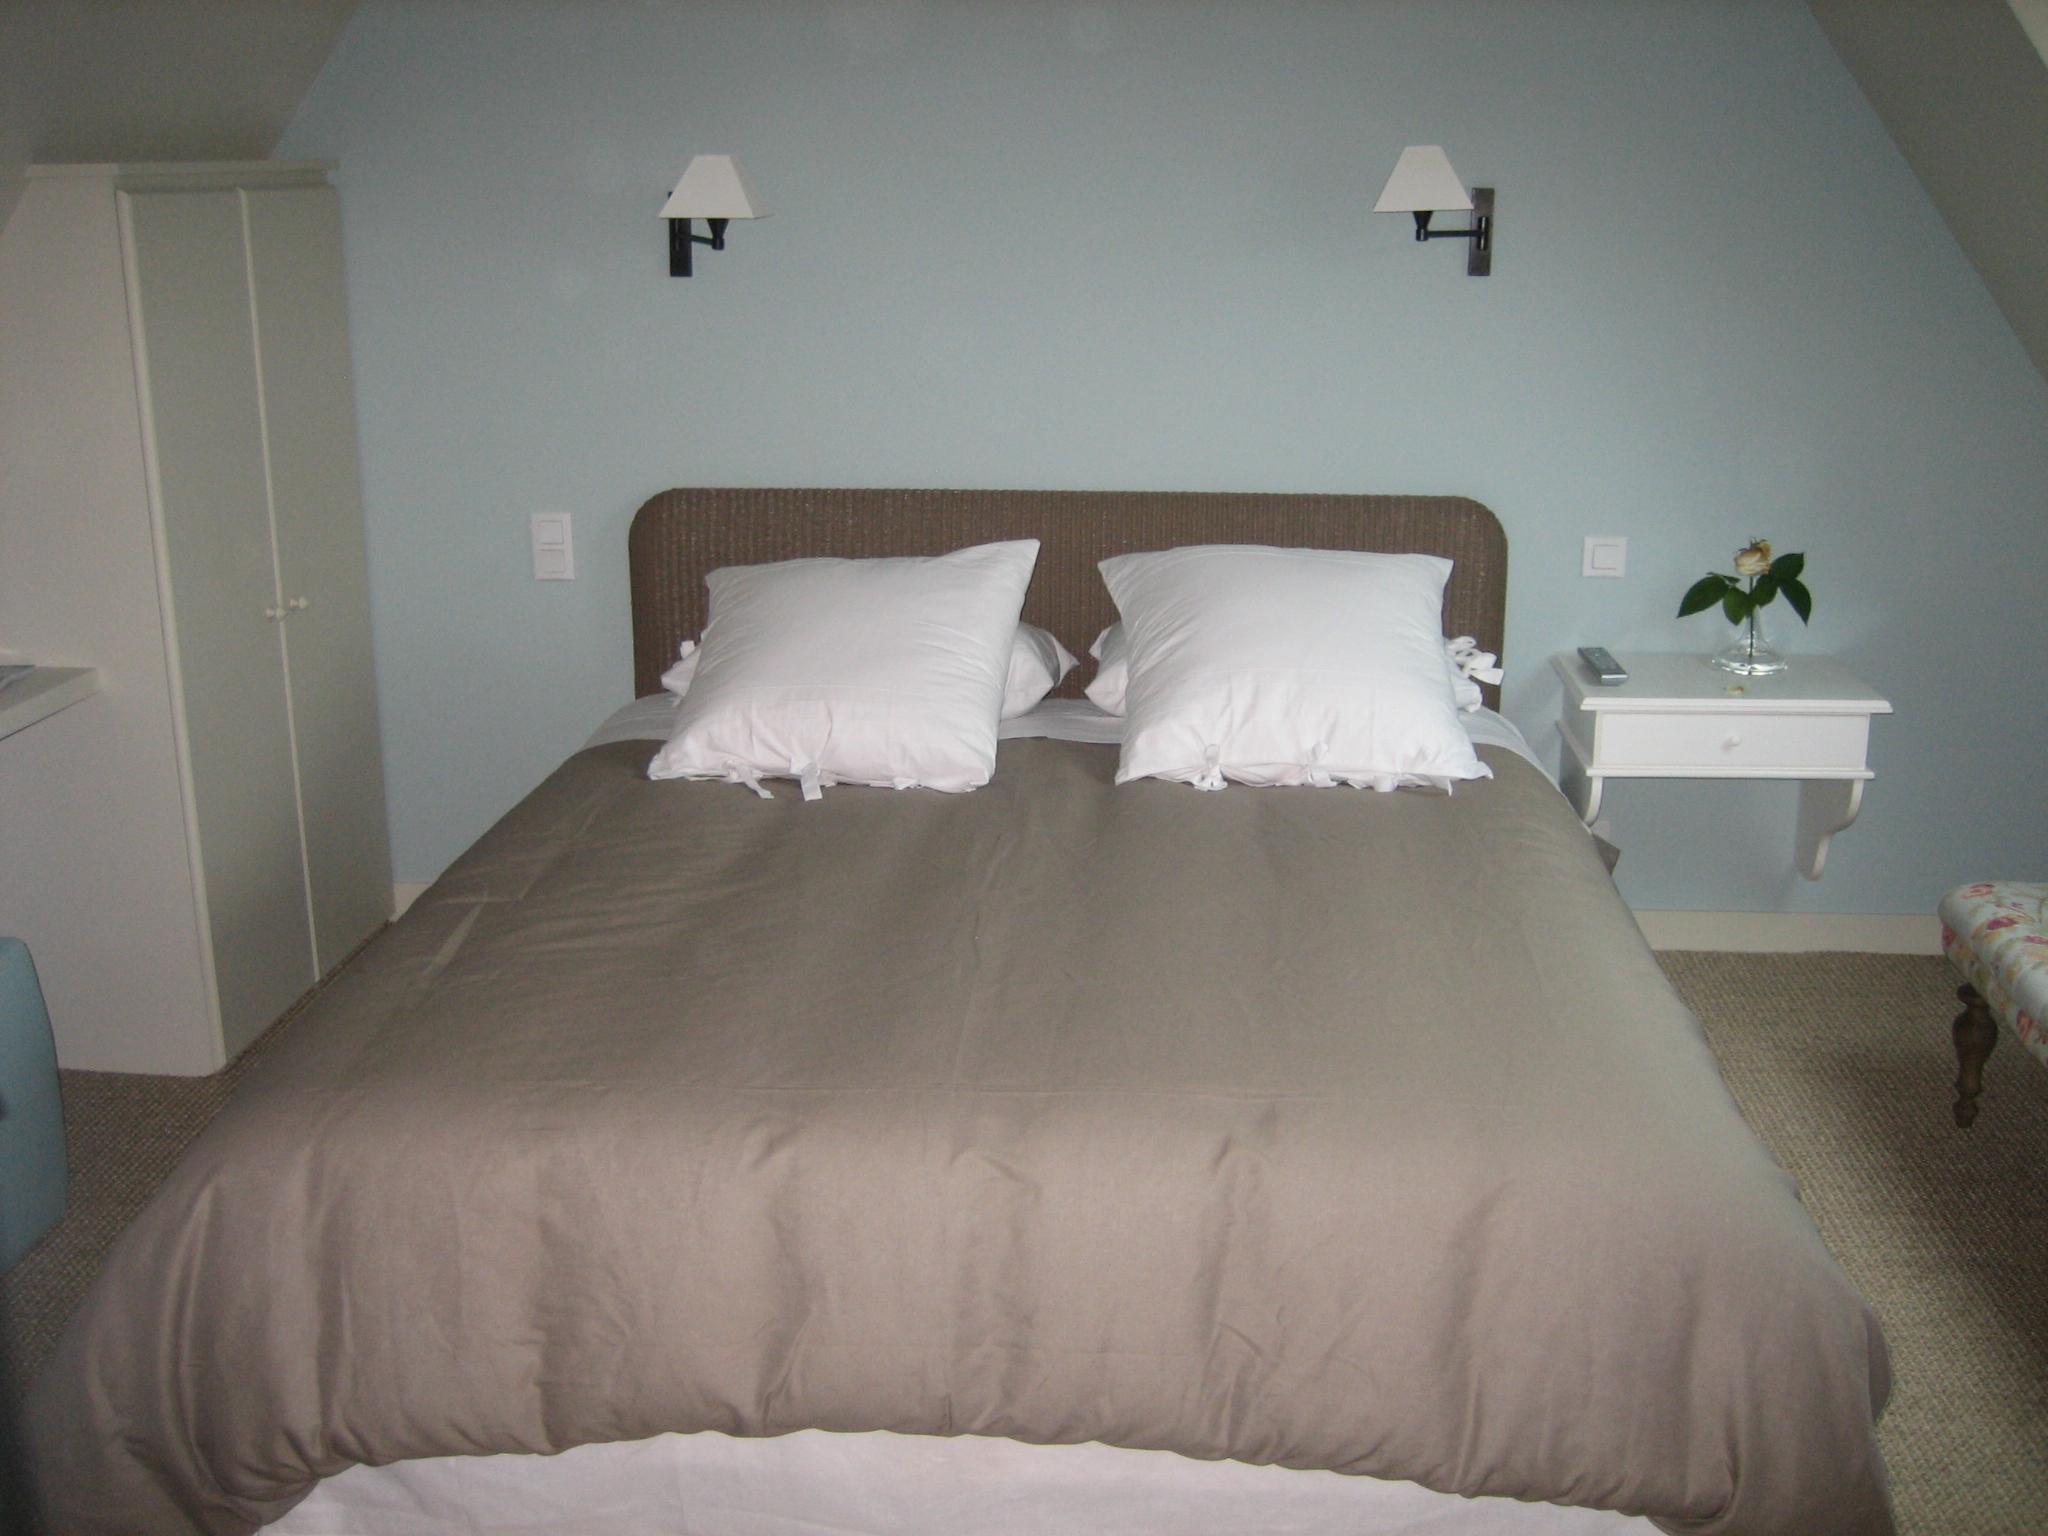 Bienvenue au vieux logis chambres d 39 h tes le vieux logis for Chambre hote 66